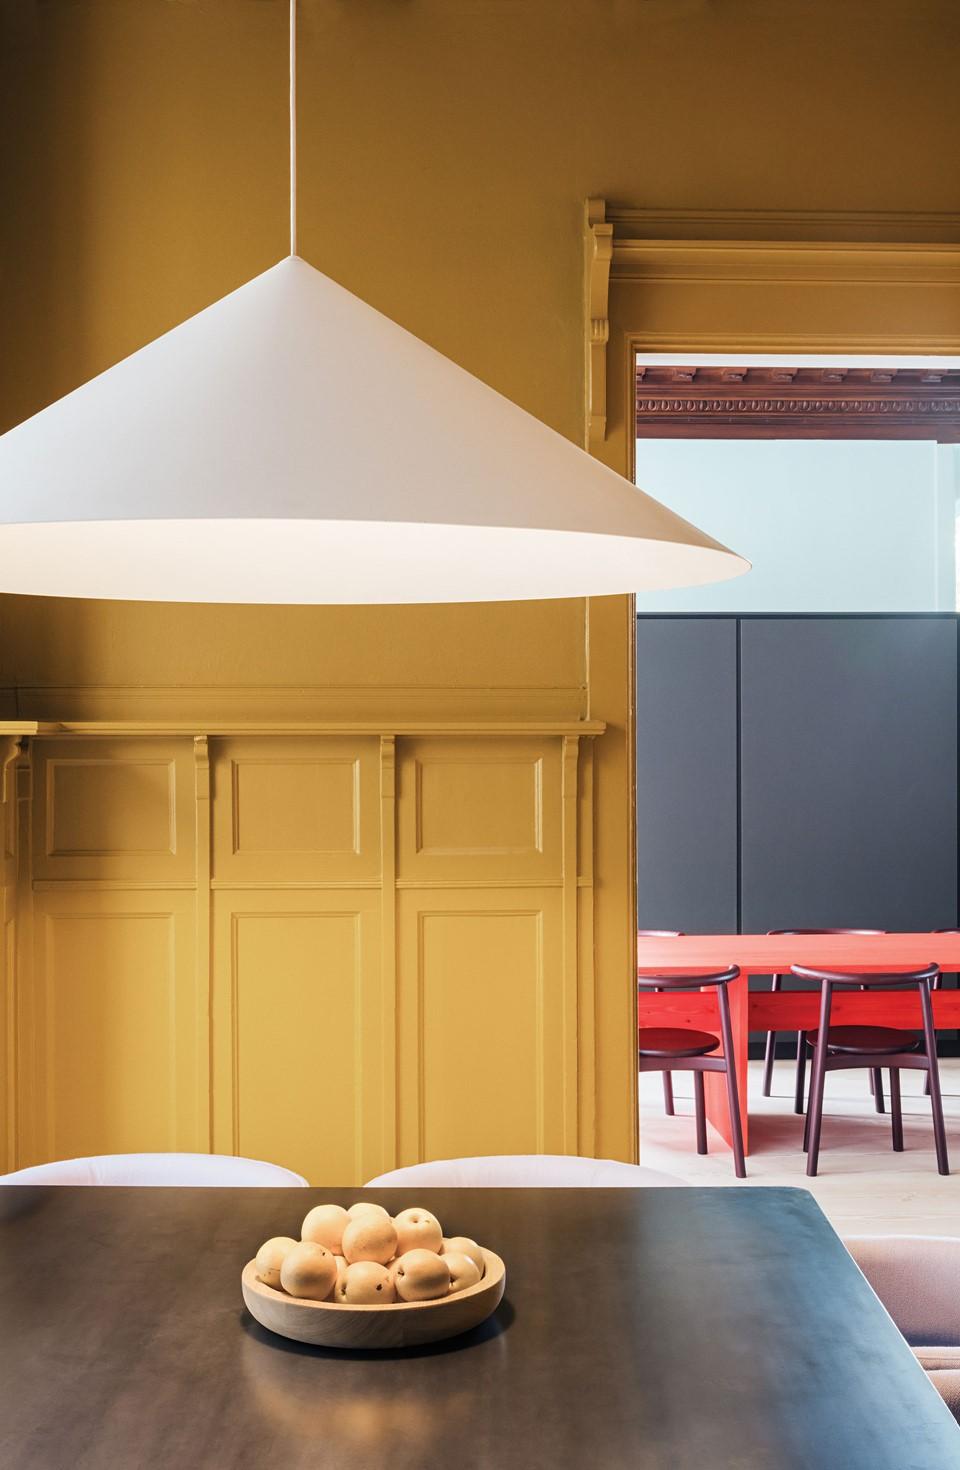 douglas-furniture-plank_mejlborg-aarhus-showroom_dinesen.jpg